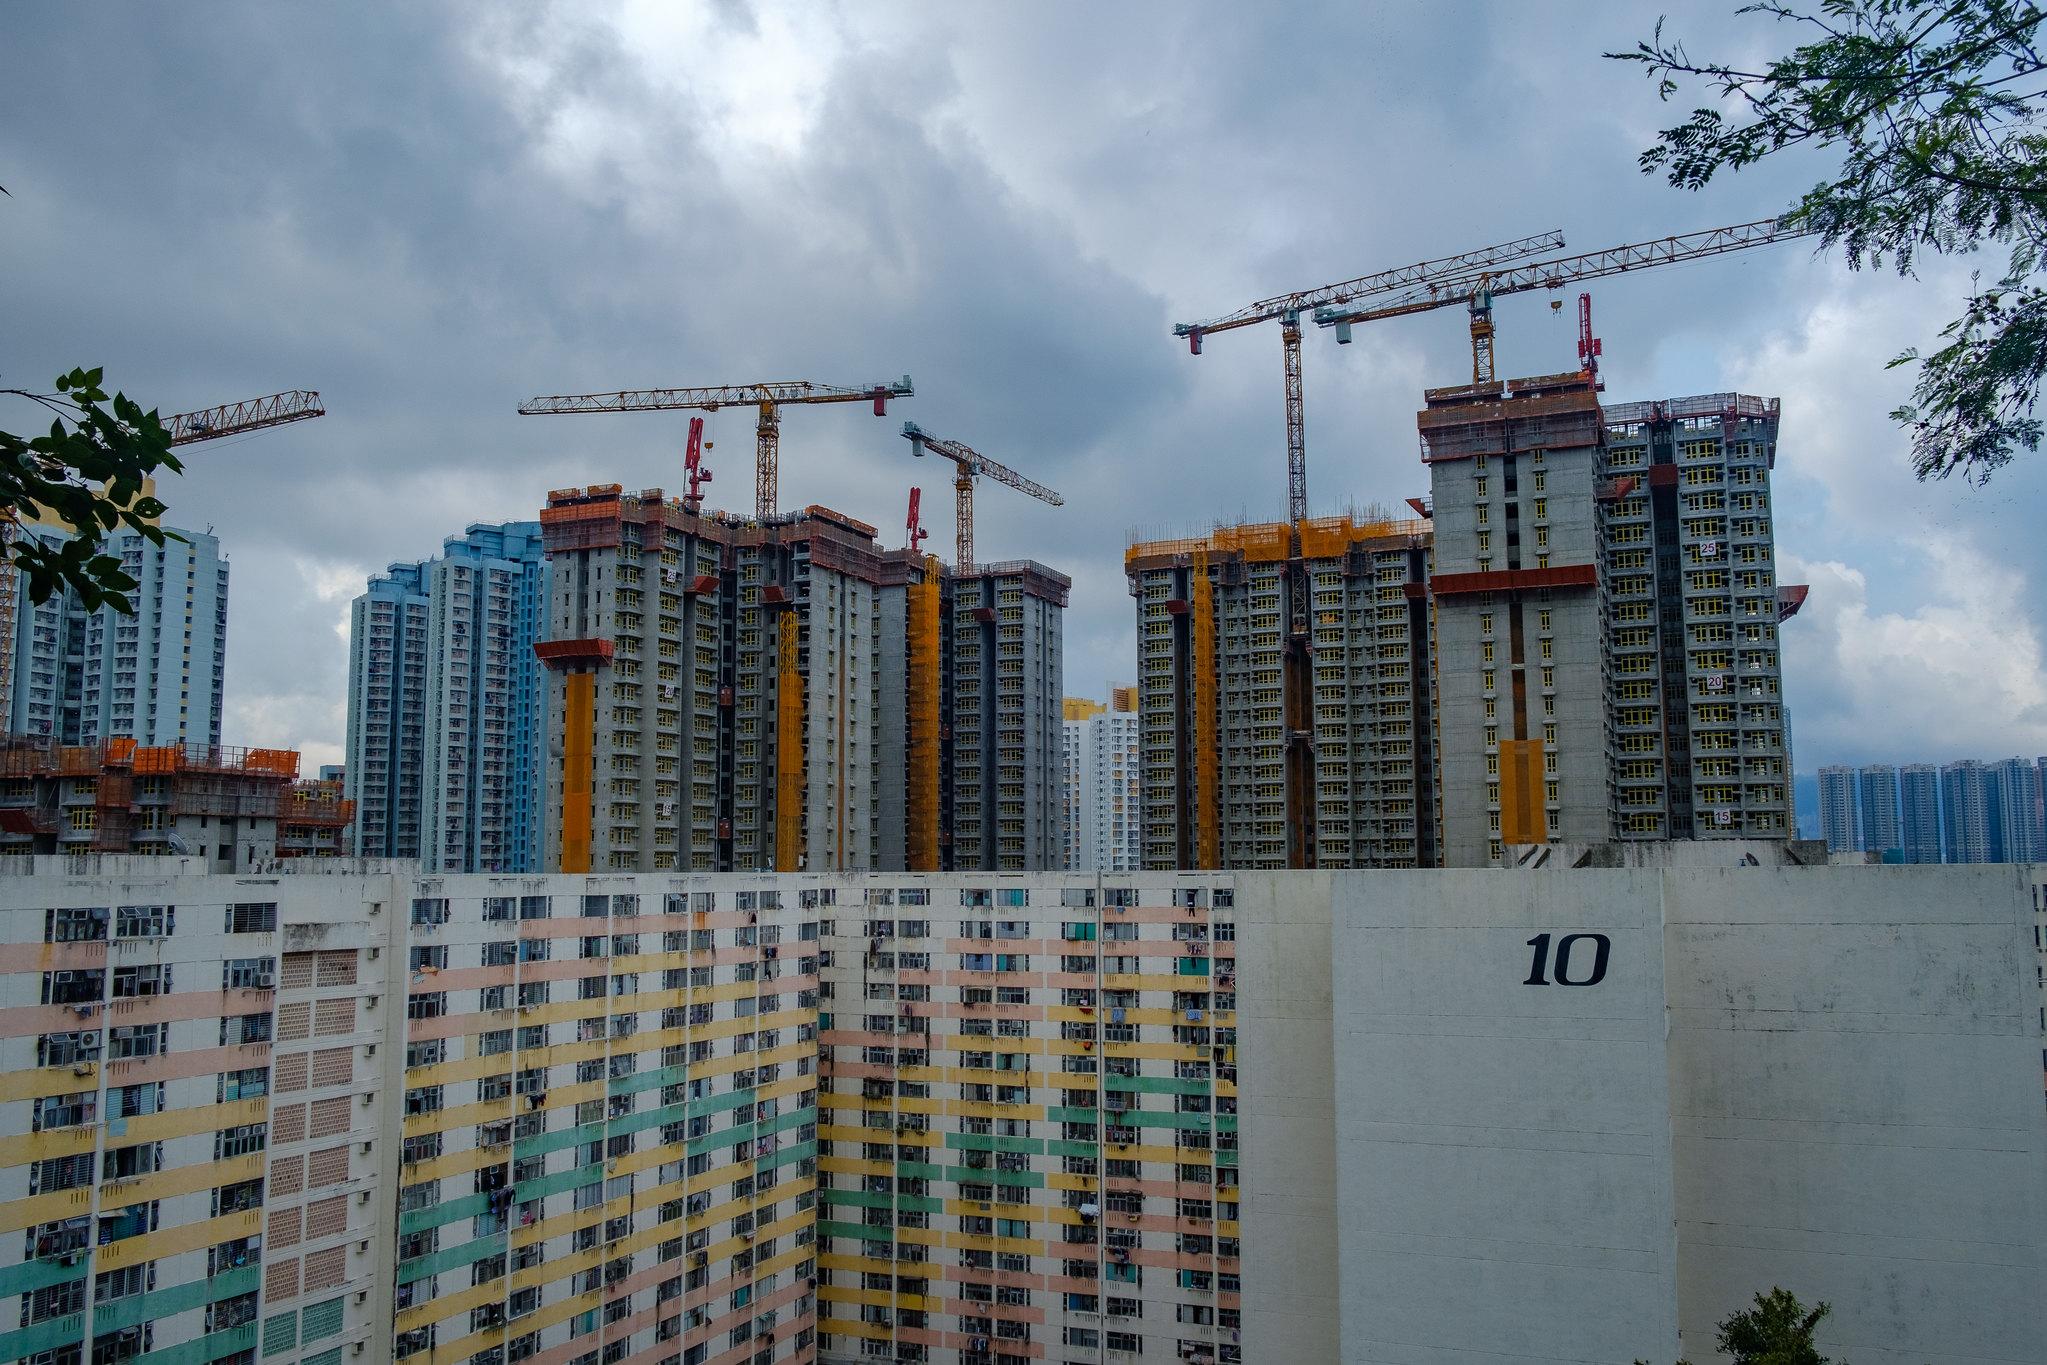 More Public Housing